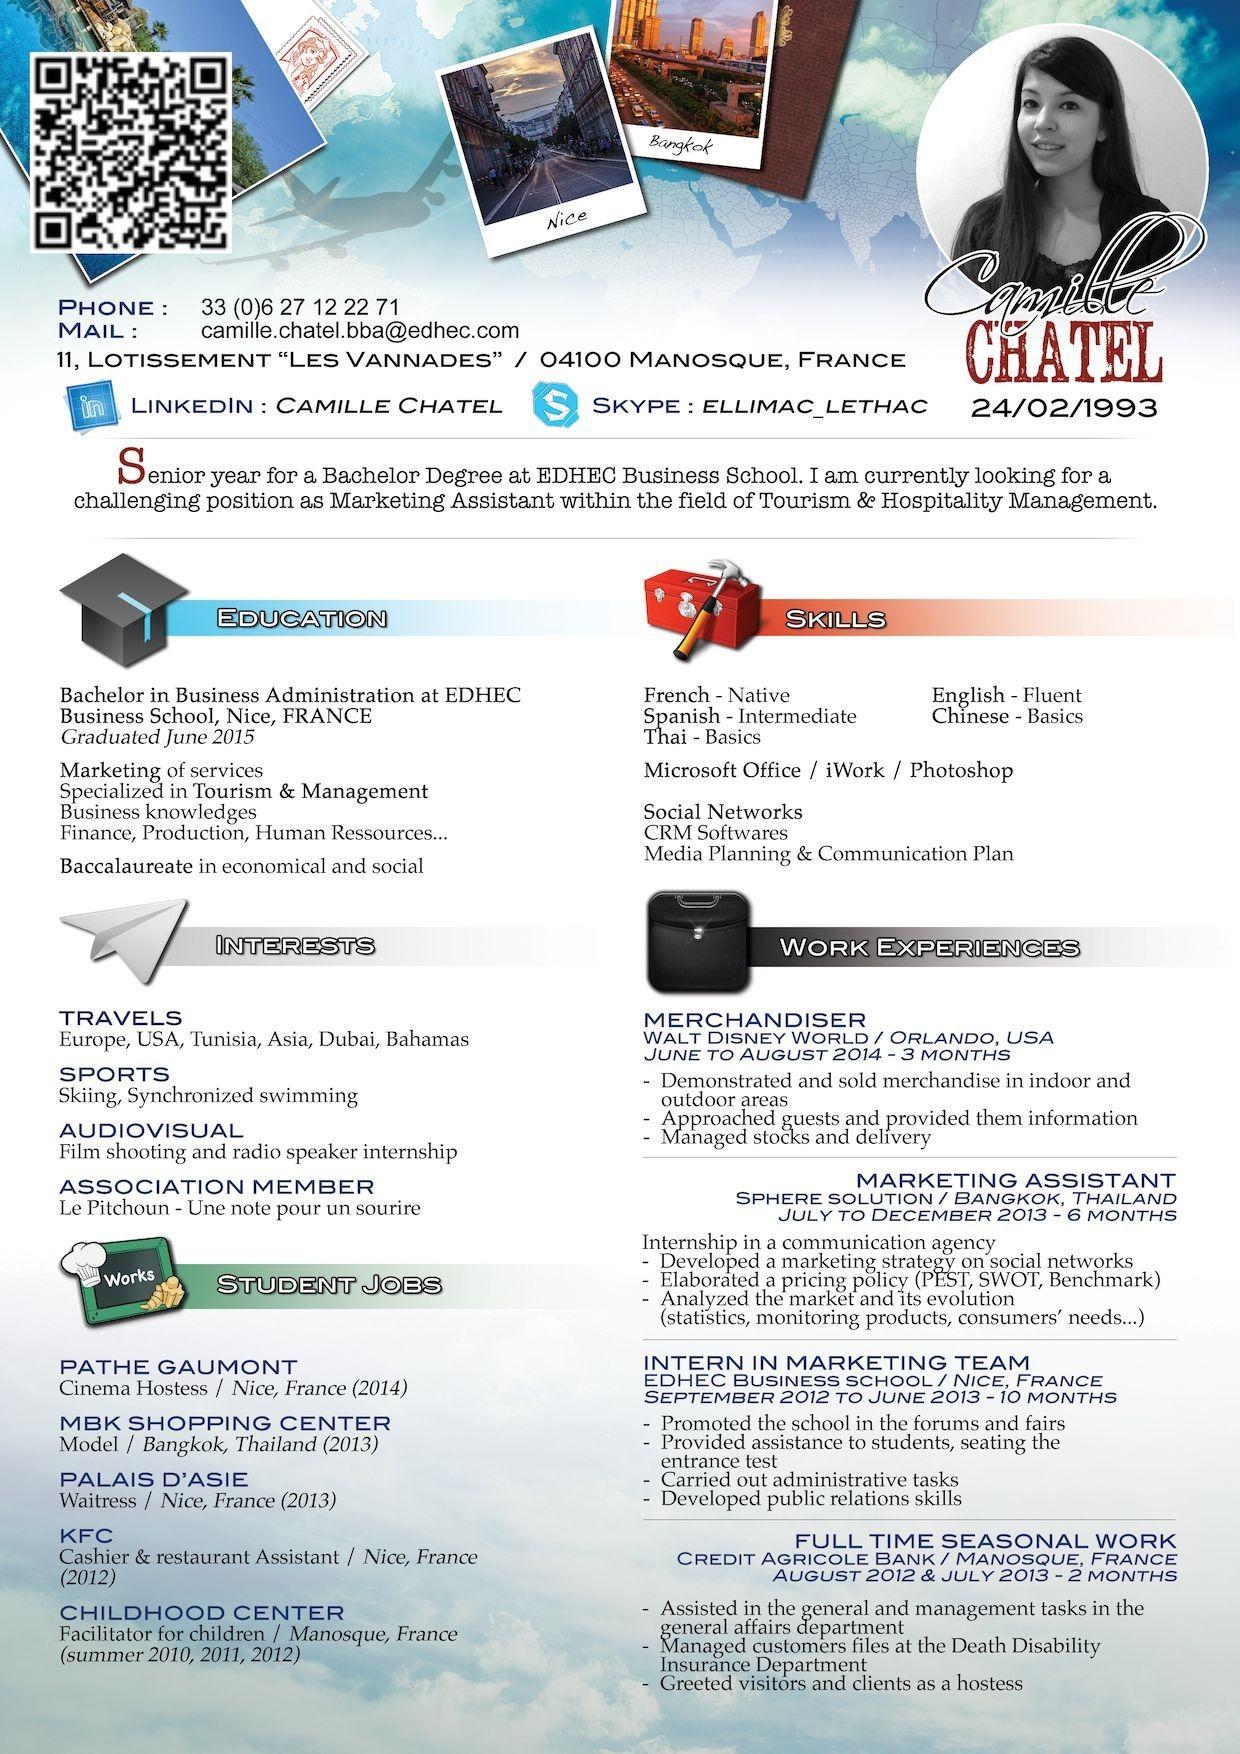 Exemples De Cv Modernes Modeles Et Design De Curriculum Vitae Modernes A Telecharger A Remplir Et A I Exemple Cv Exemple De Cv Professionnel Modele Cv Gratuit